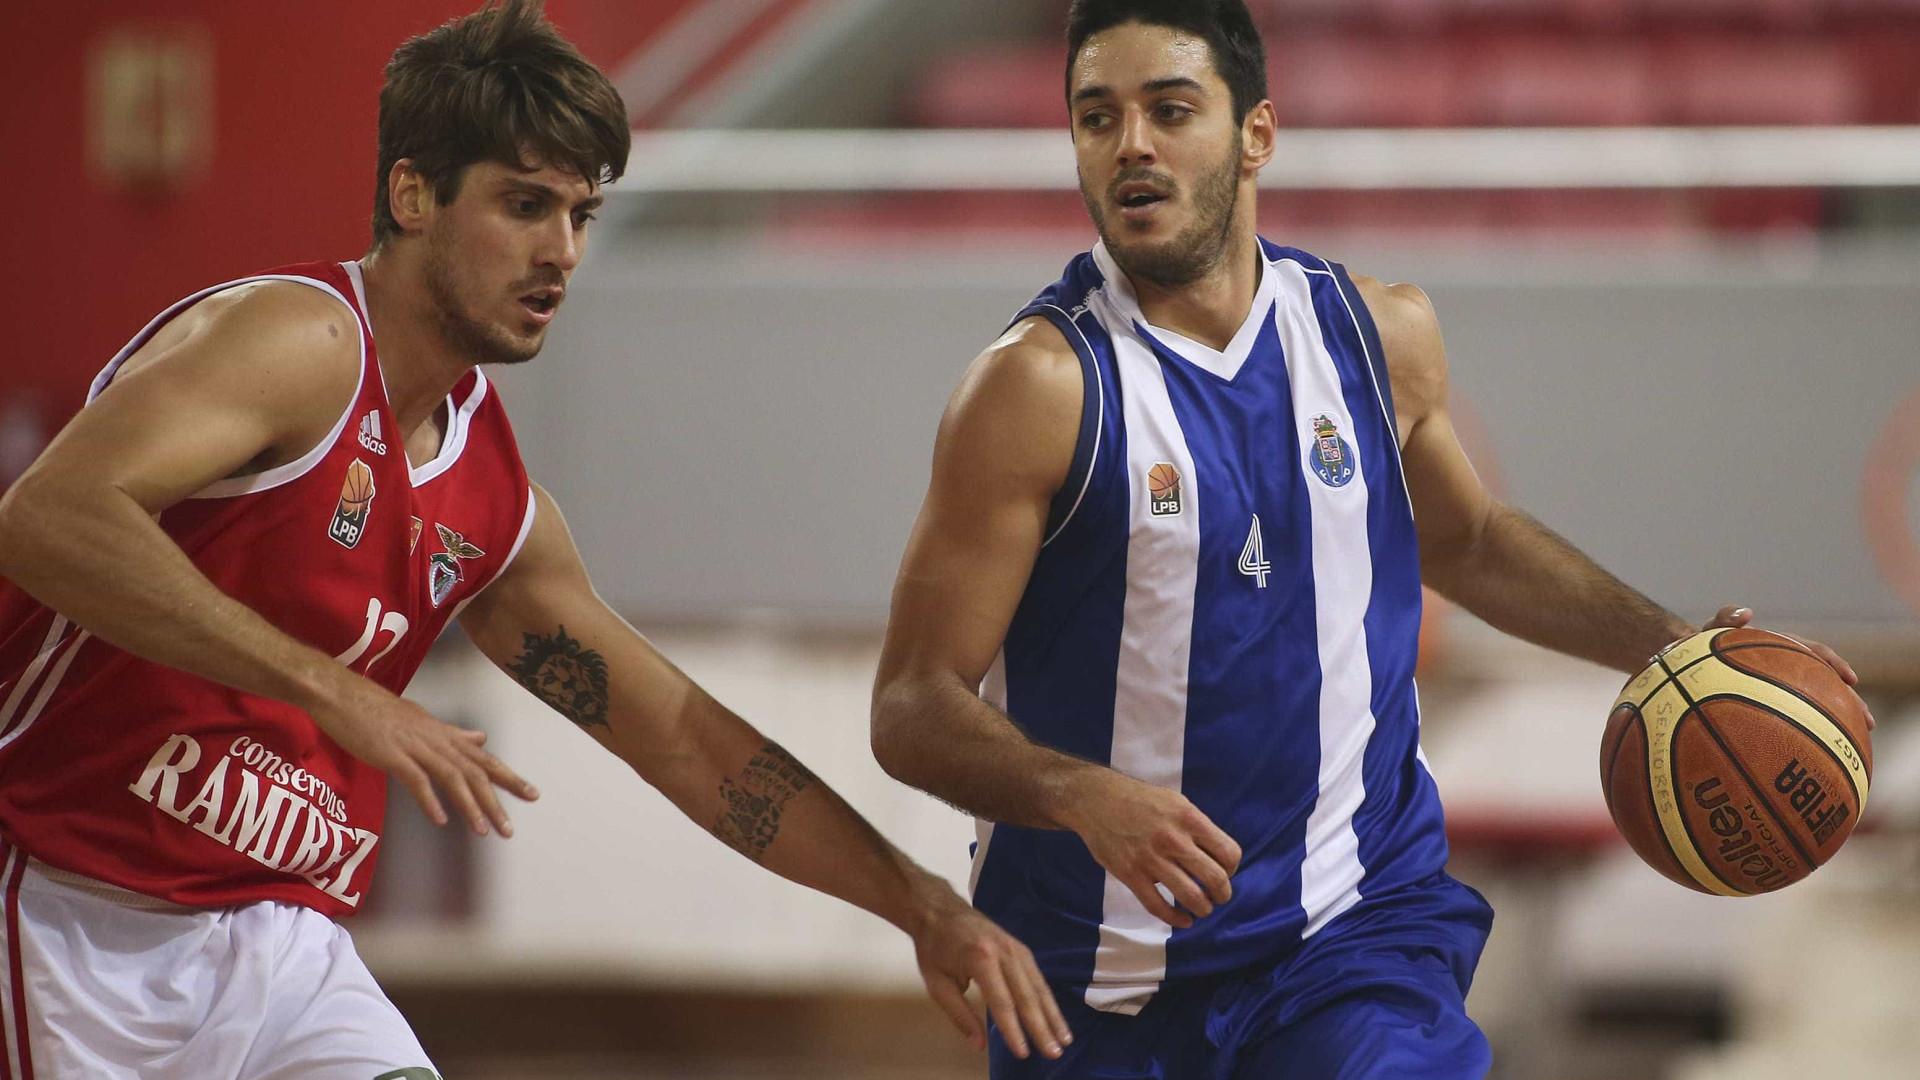 f3f99581dc Benfica empata final da Liga de basquetebol ao vencer FC Porto